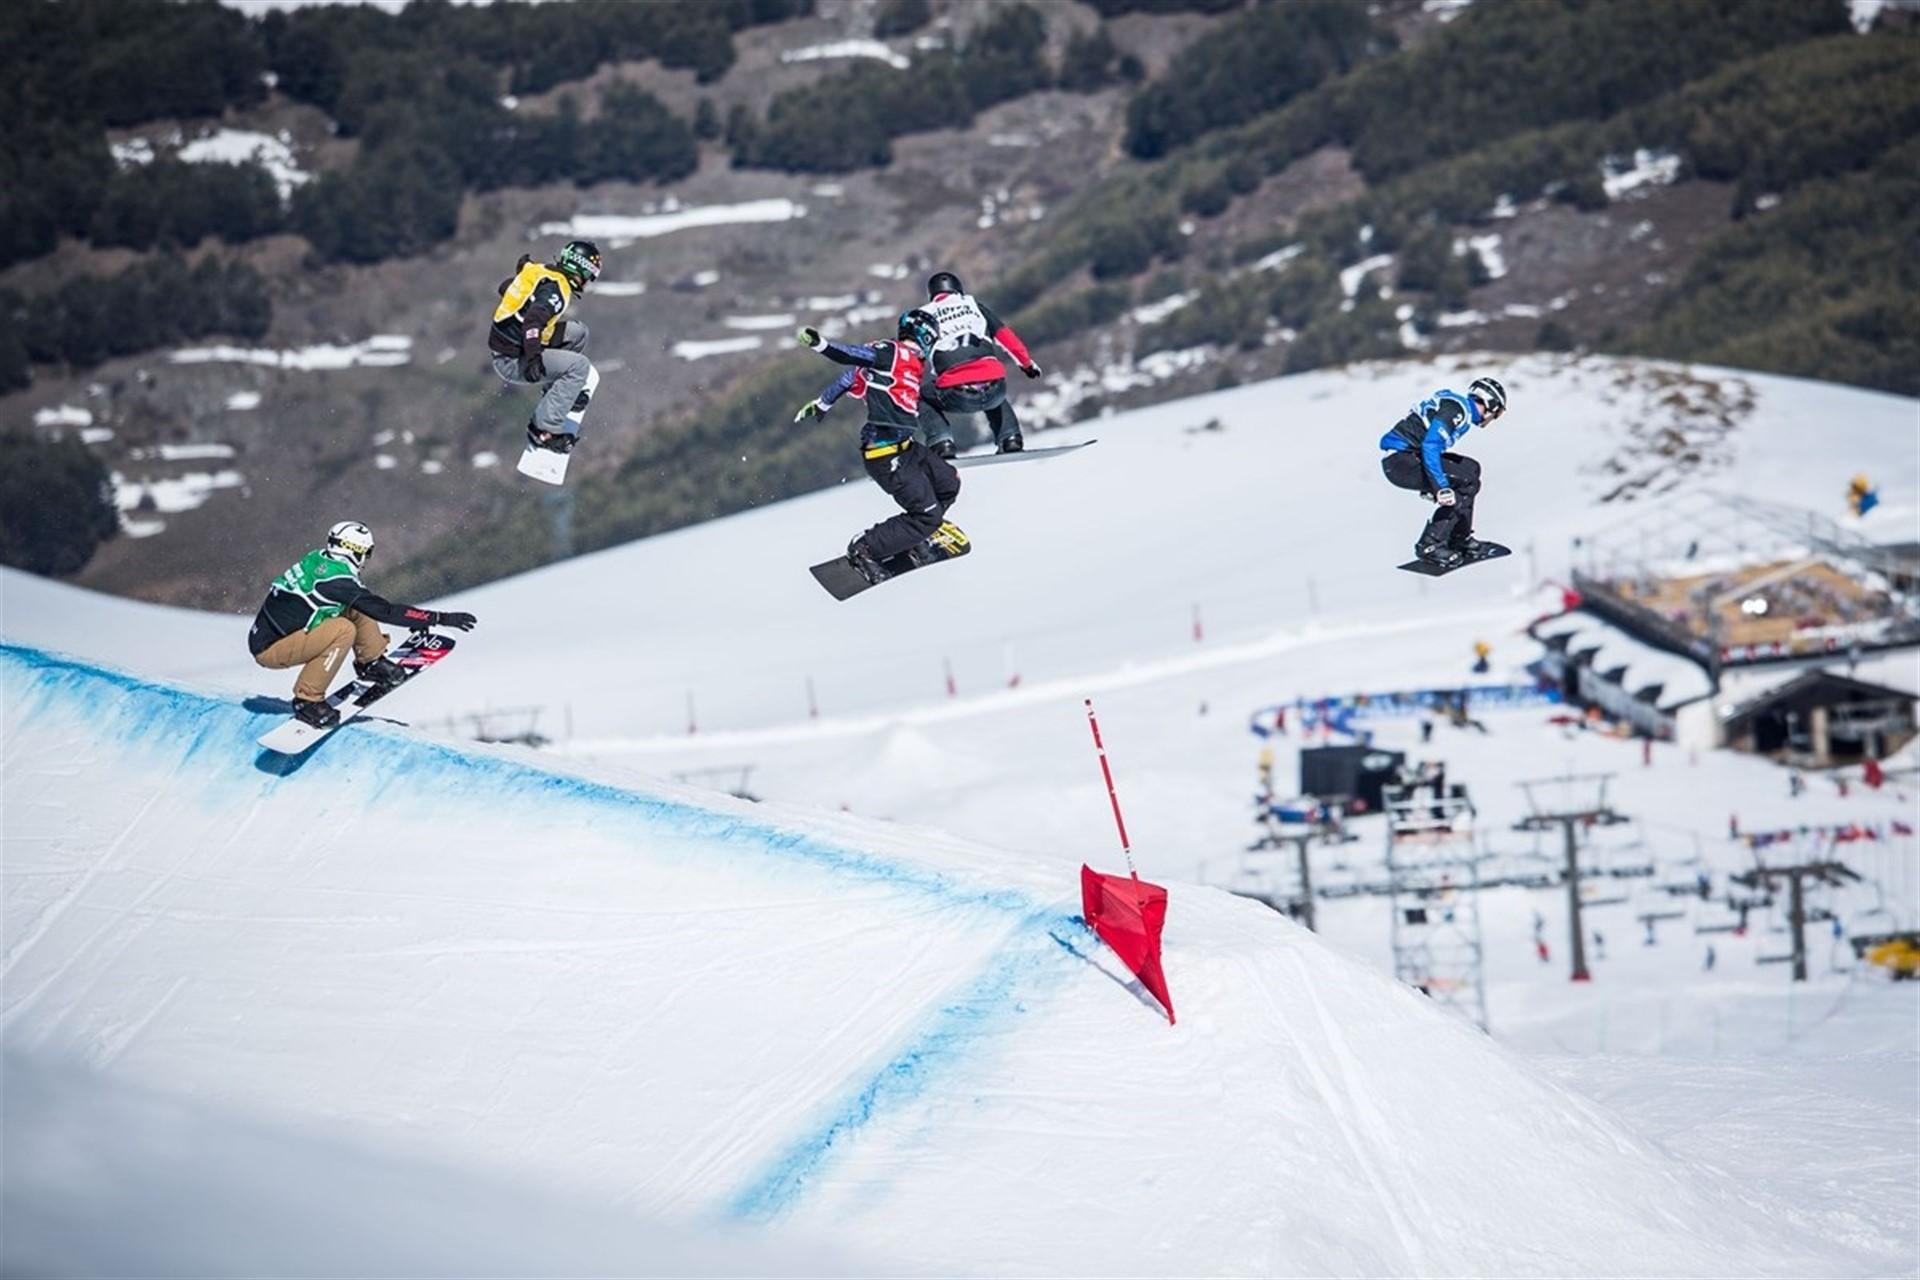 Sierra Nevada organizará una prueba de la Copa del Mundo de Snowboard en 2020